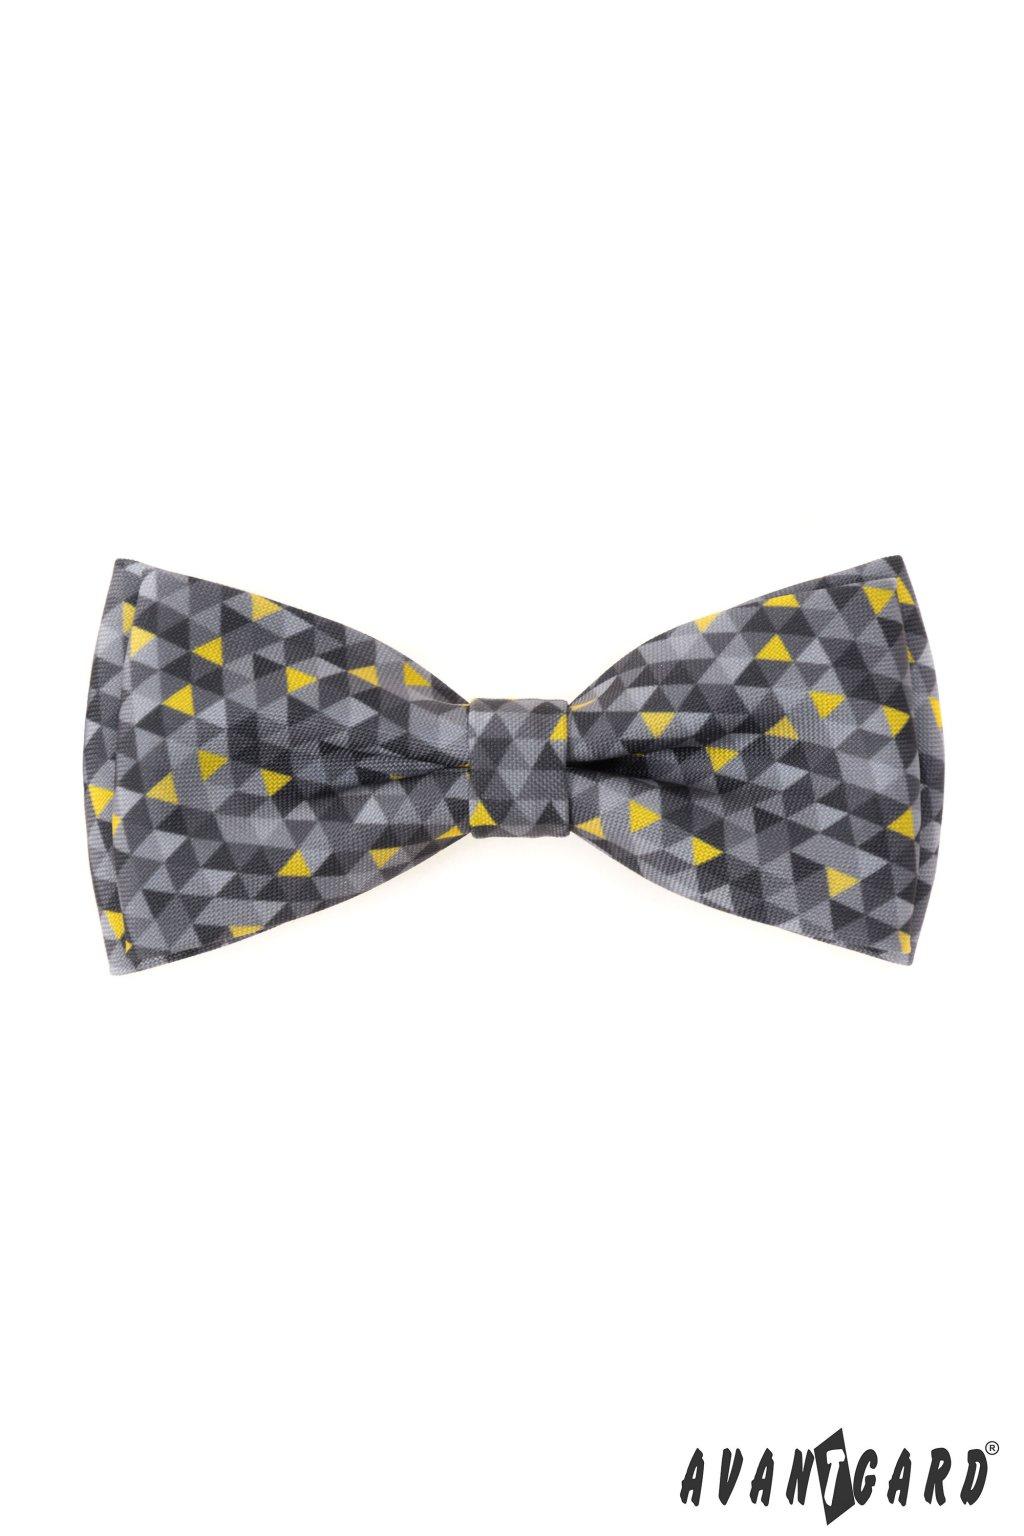 Motýlek s kapesníčkem, 575-2021, Šedá/žlutá, barva roku 2021